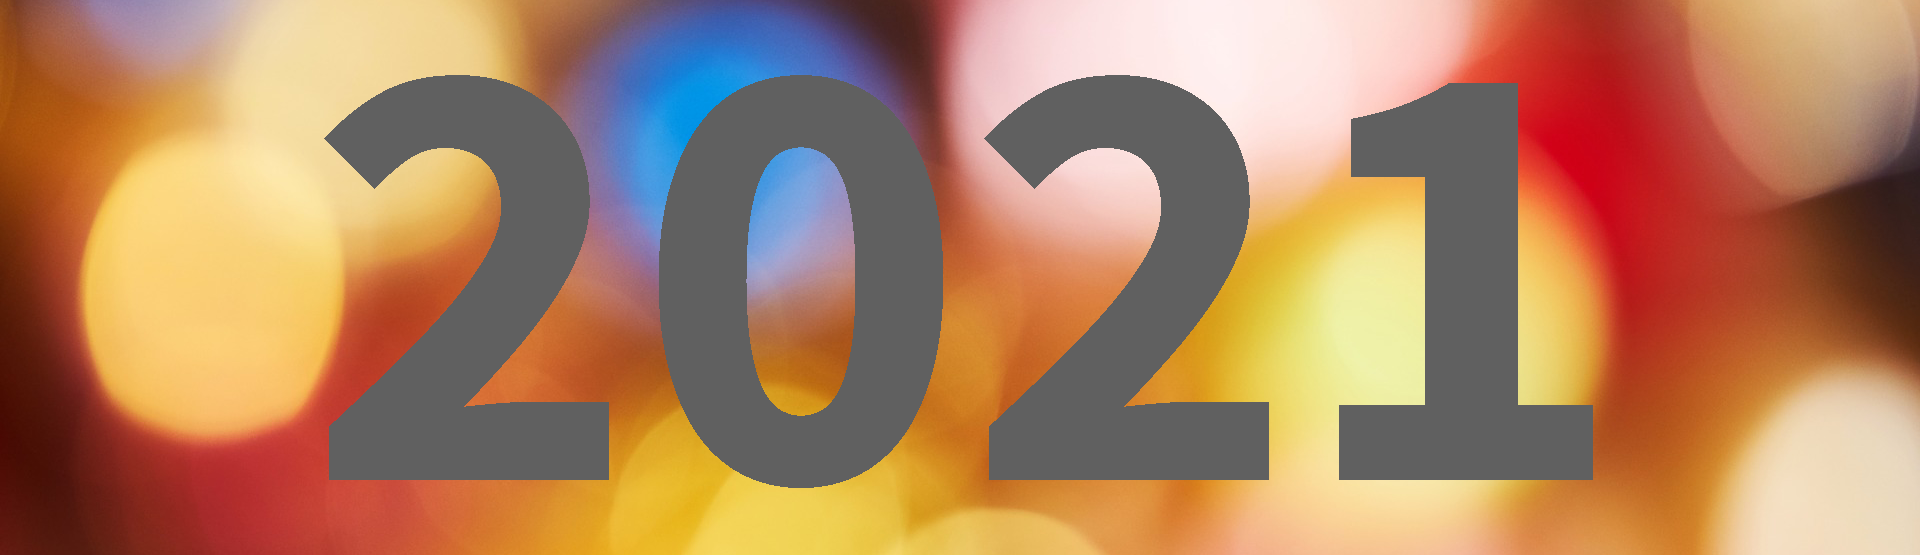 8. Kampf am Zitterbach 2021